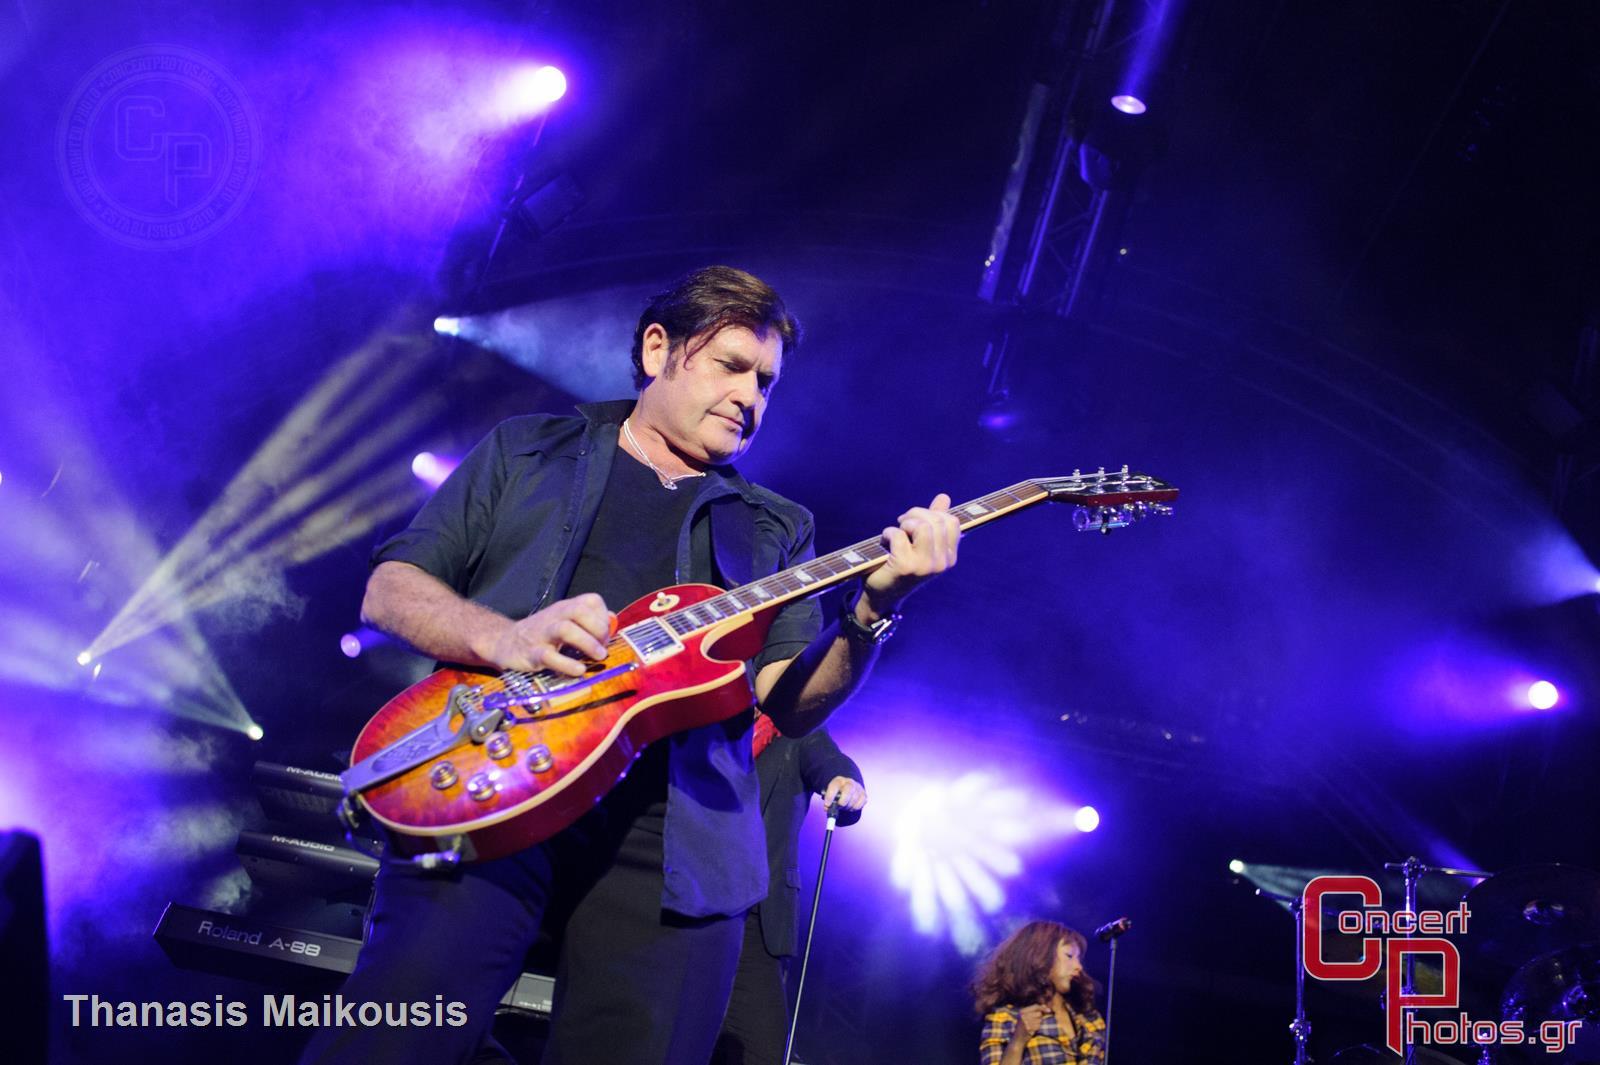 En Lefko 2014-En Lefko 2014 photographer: Thanasis Maikousis - concertphotos_20140620_22_46_25